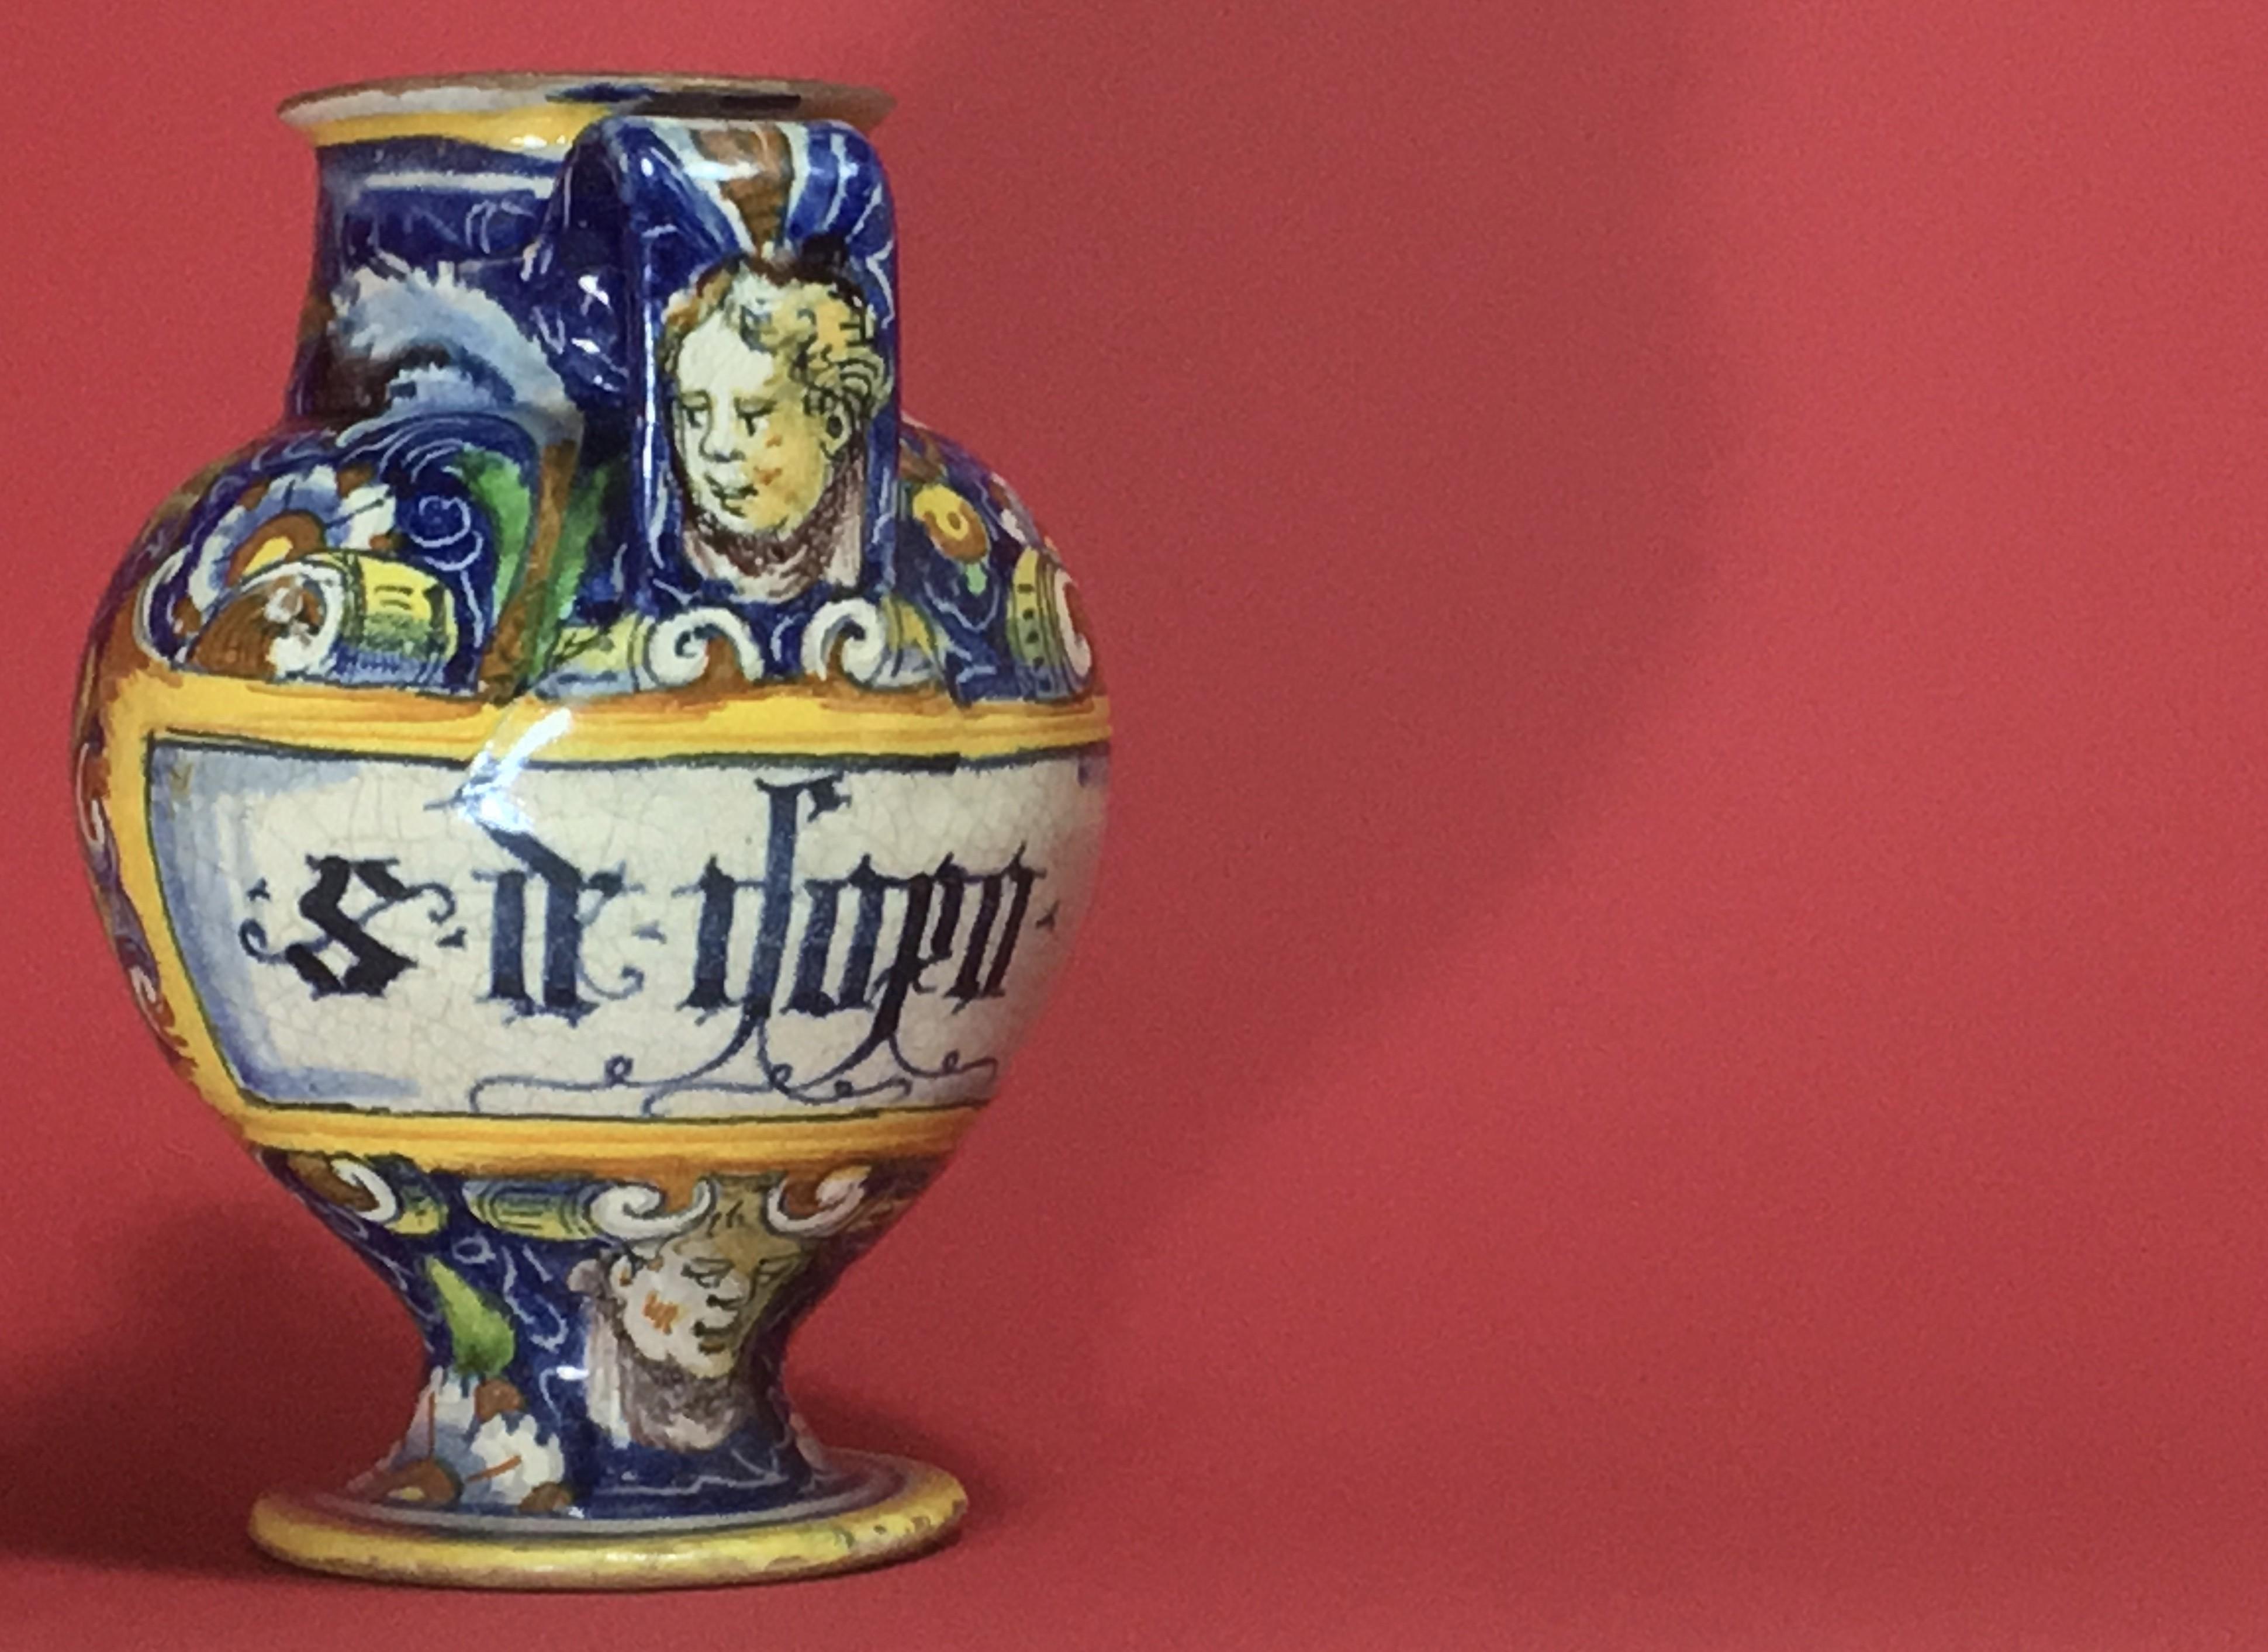 VENICE - RARE VASE OF APOTHECARY - ATELIER DE MAESTRO DOMENICO - SIXTEENTH CENTURY